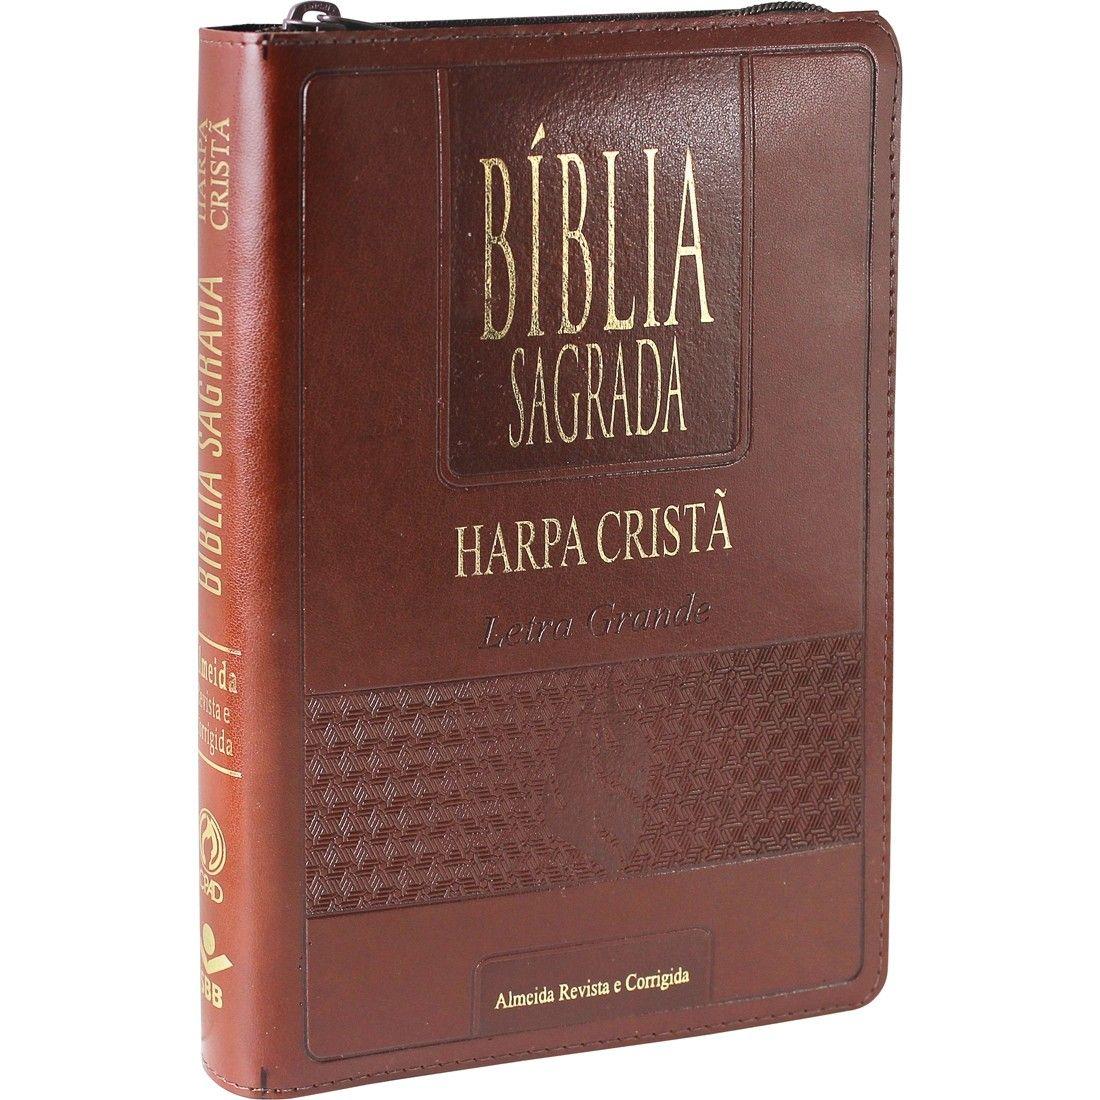 BÍBLIA SAGRADA LETRA GRANDE COM HARPA CRISTÃ MARROM ZIPER